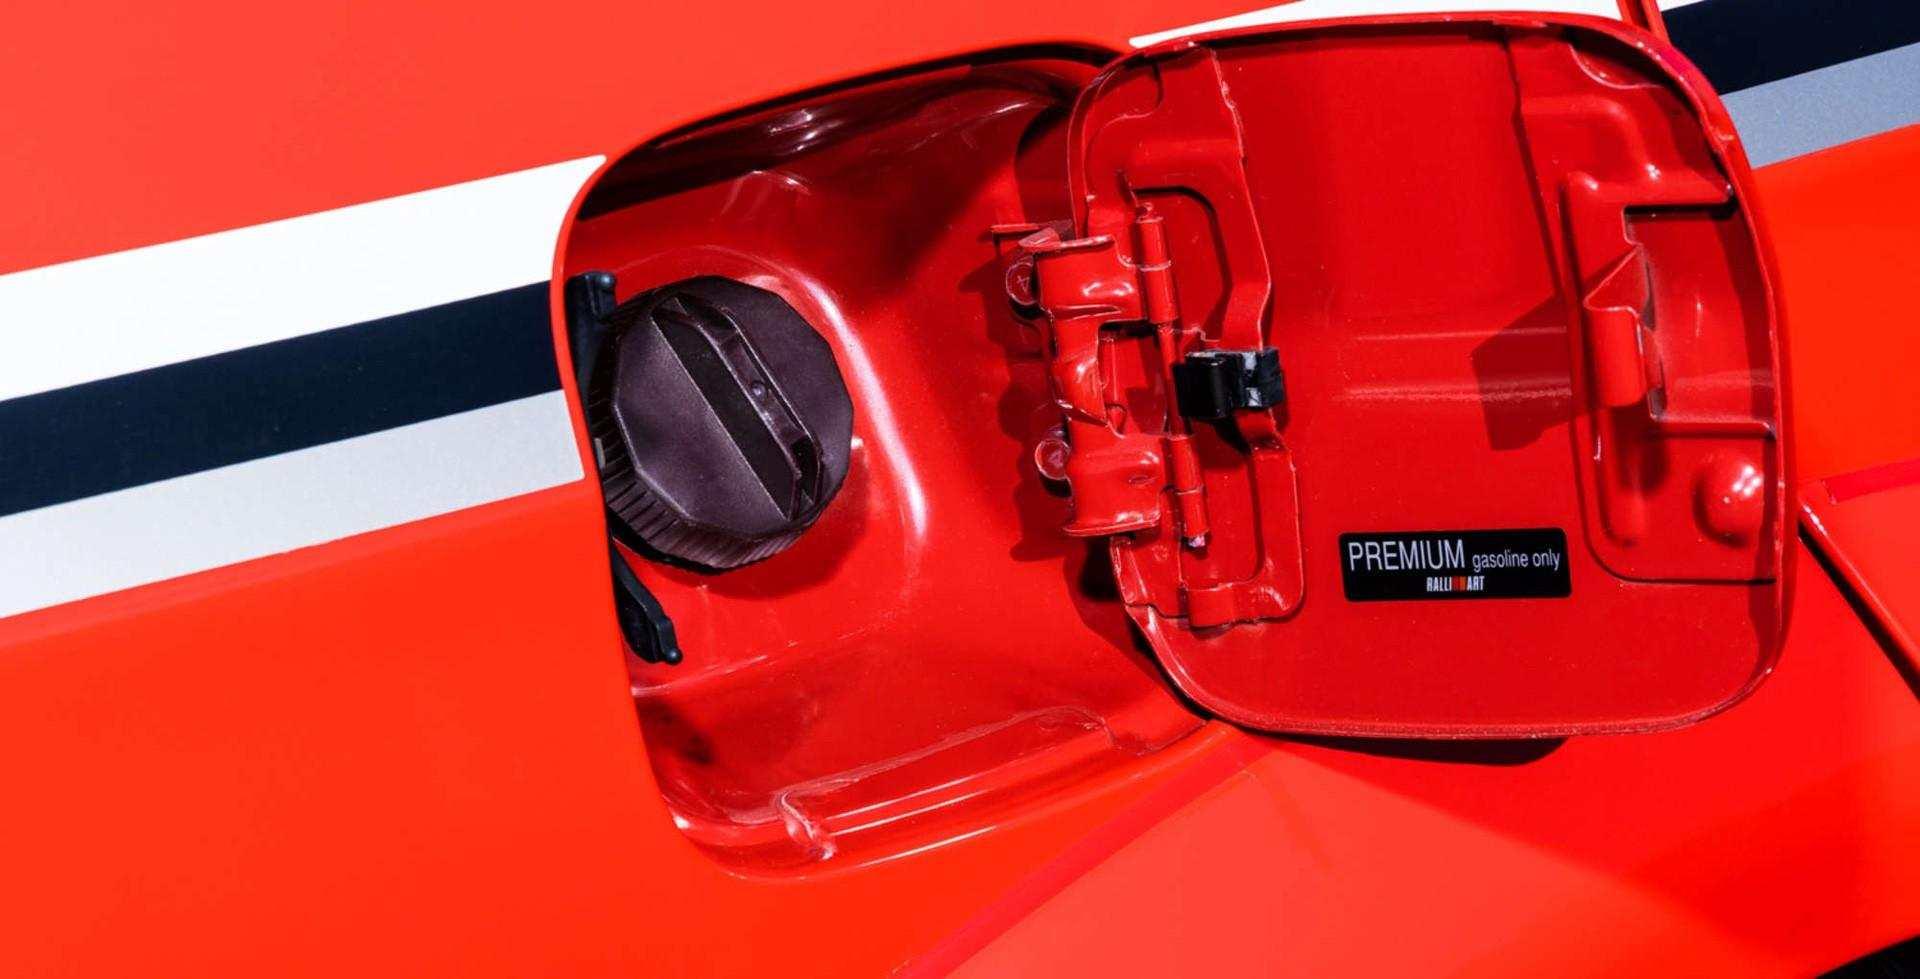 2000_Mitsubishi_Lancer_Evolution_VI_Tommi_Makinen_Edition_sale-0027